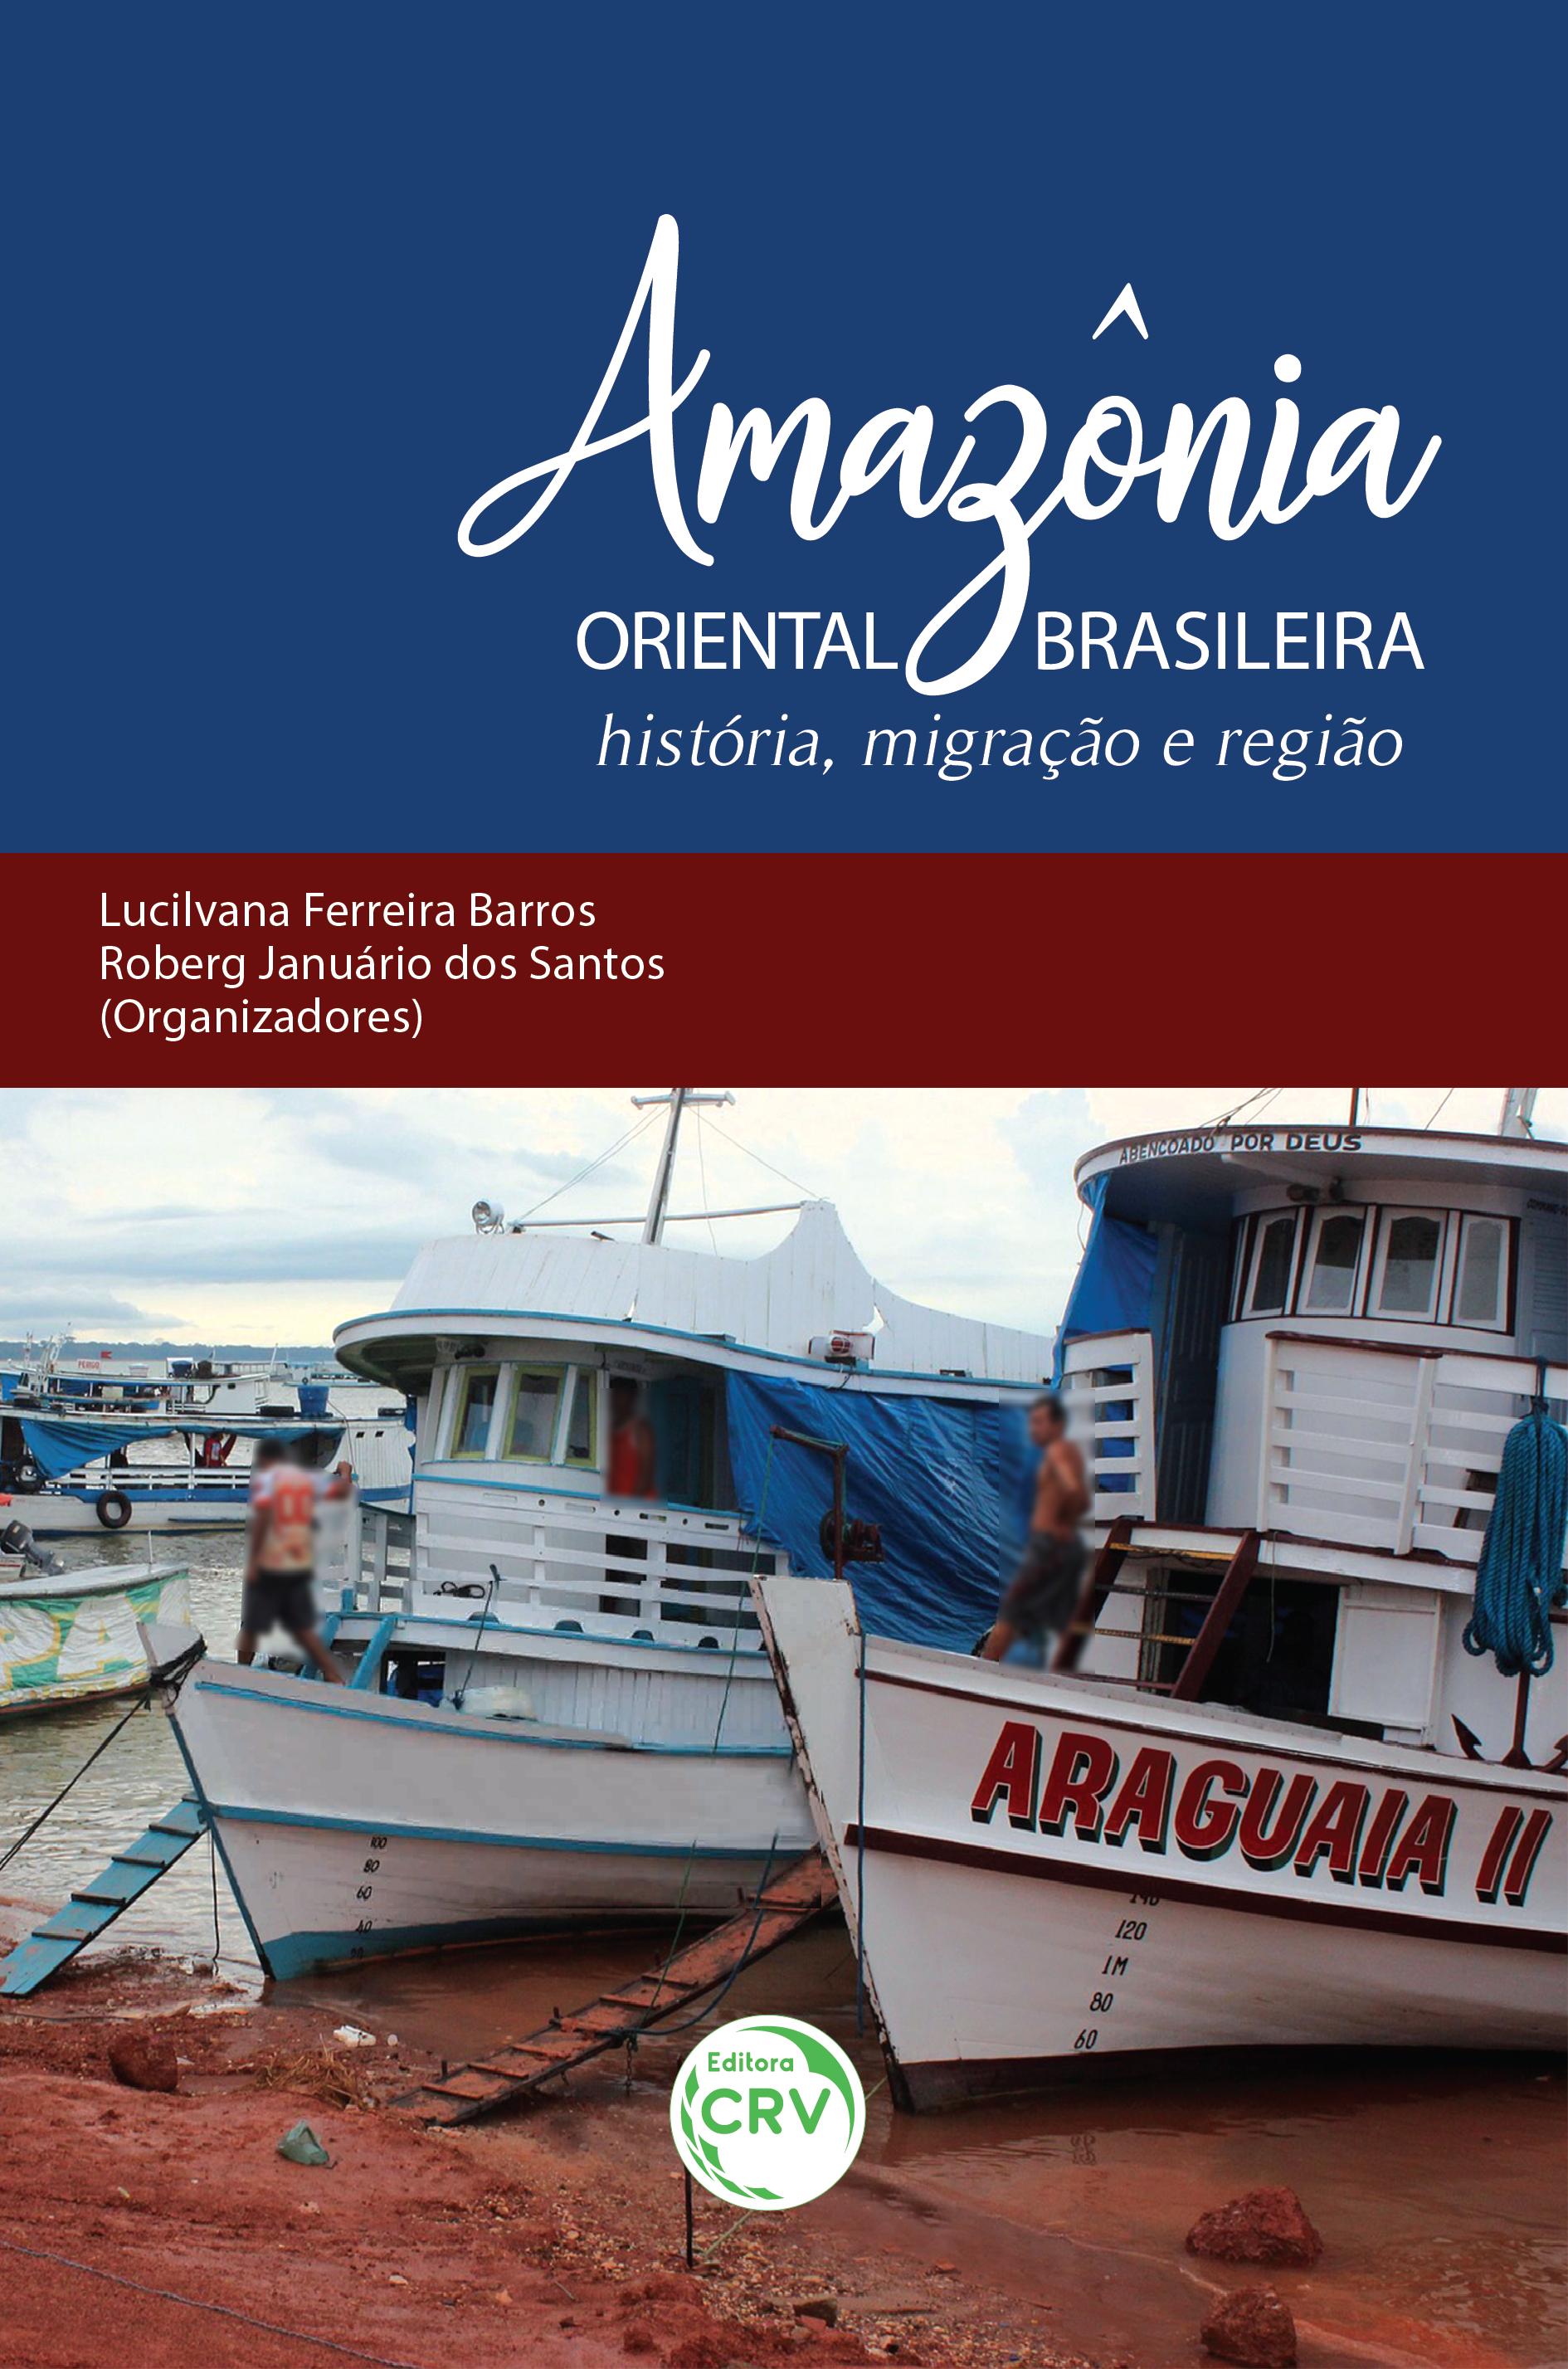 Capa do livro: AMAZÔNIA ORIENTAL BRASILEIRA:<br> história, migração e região